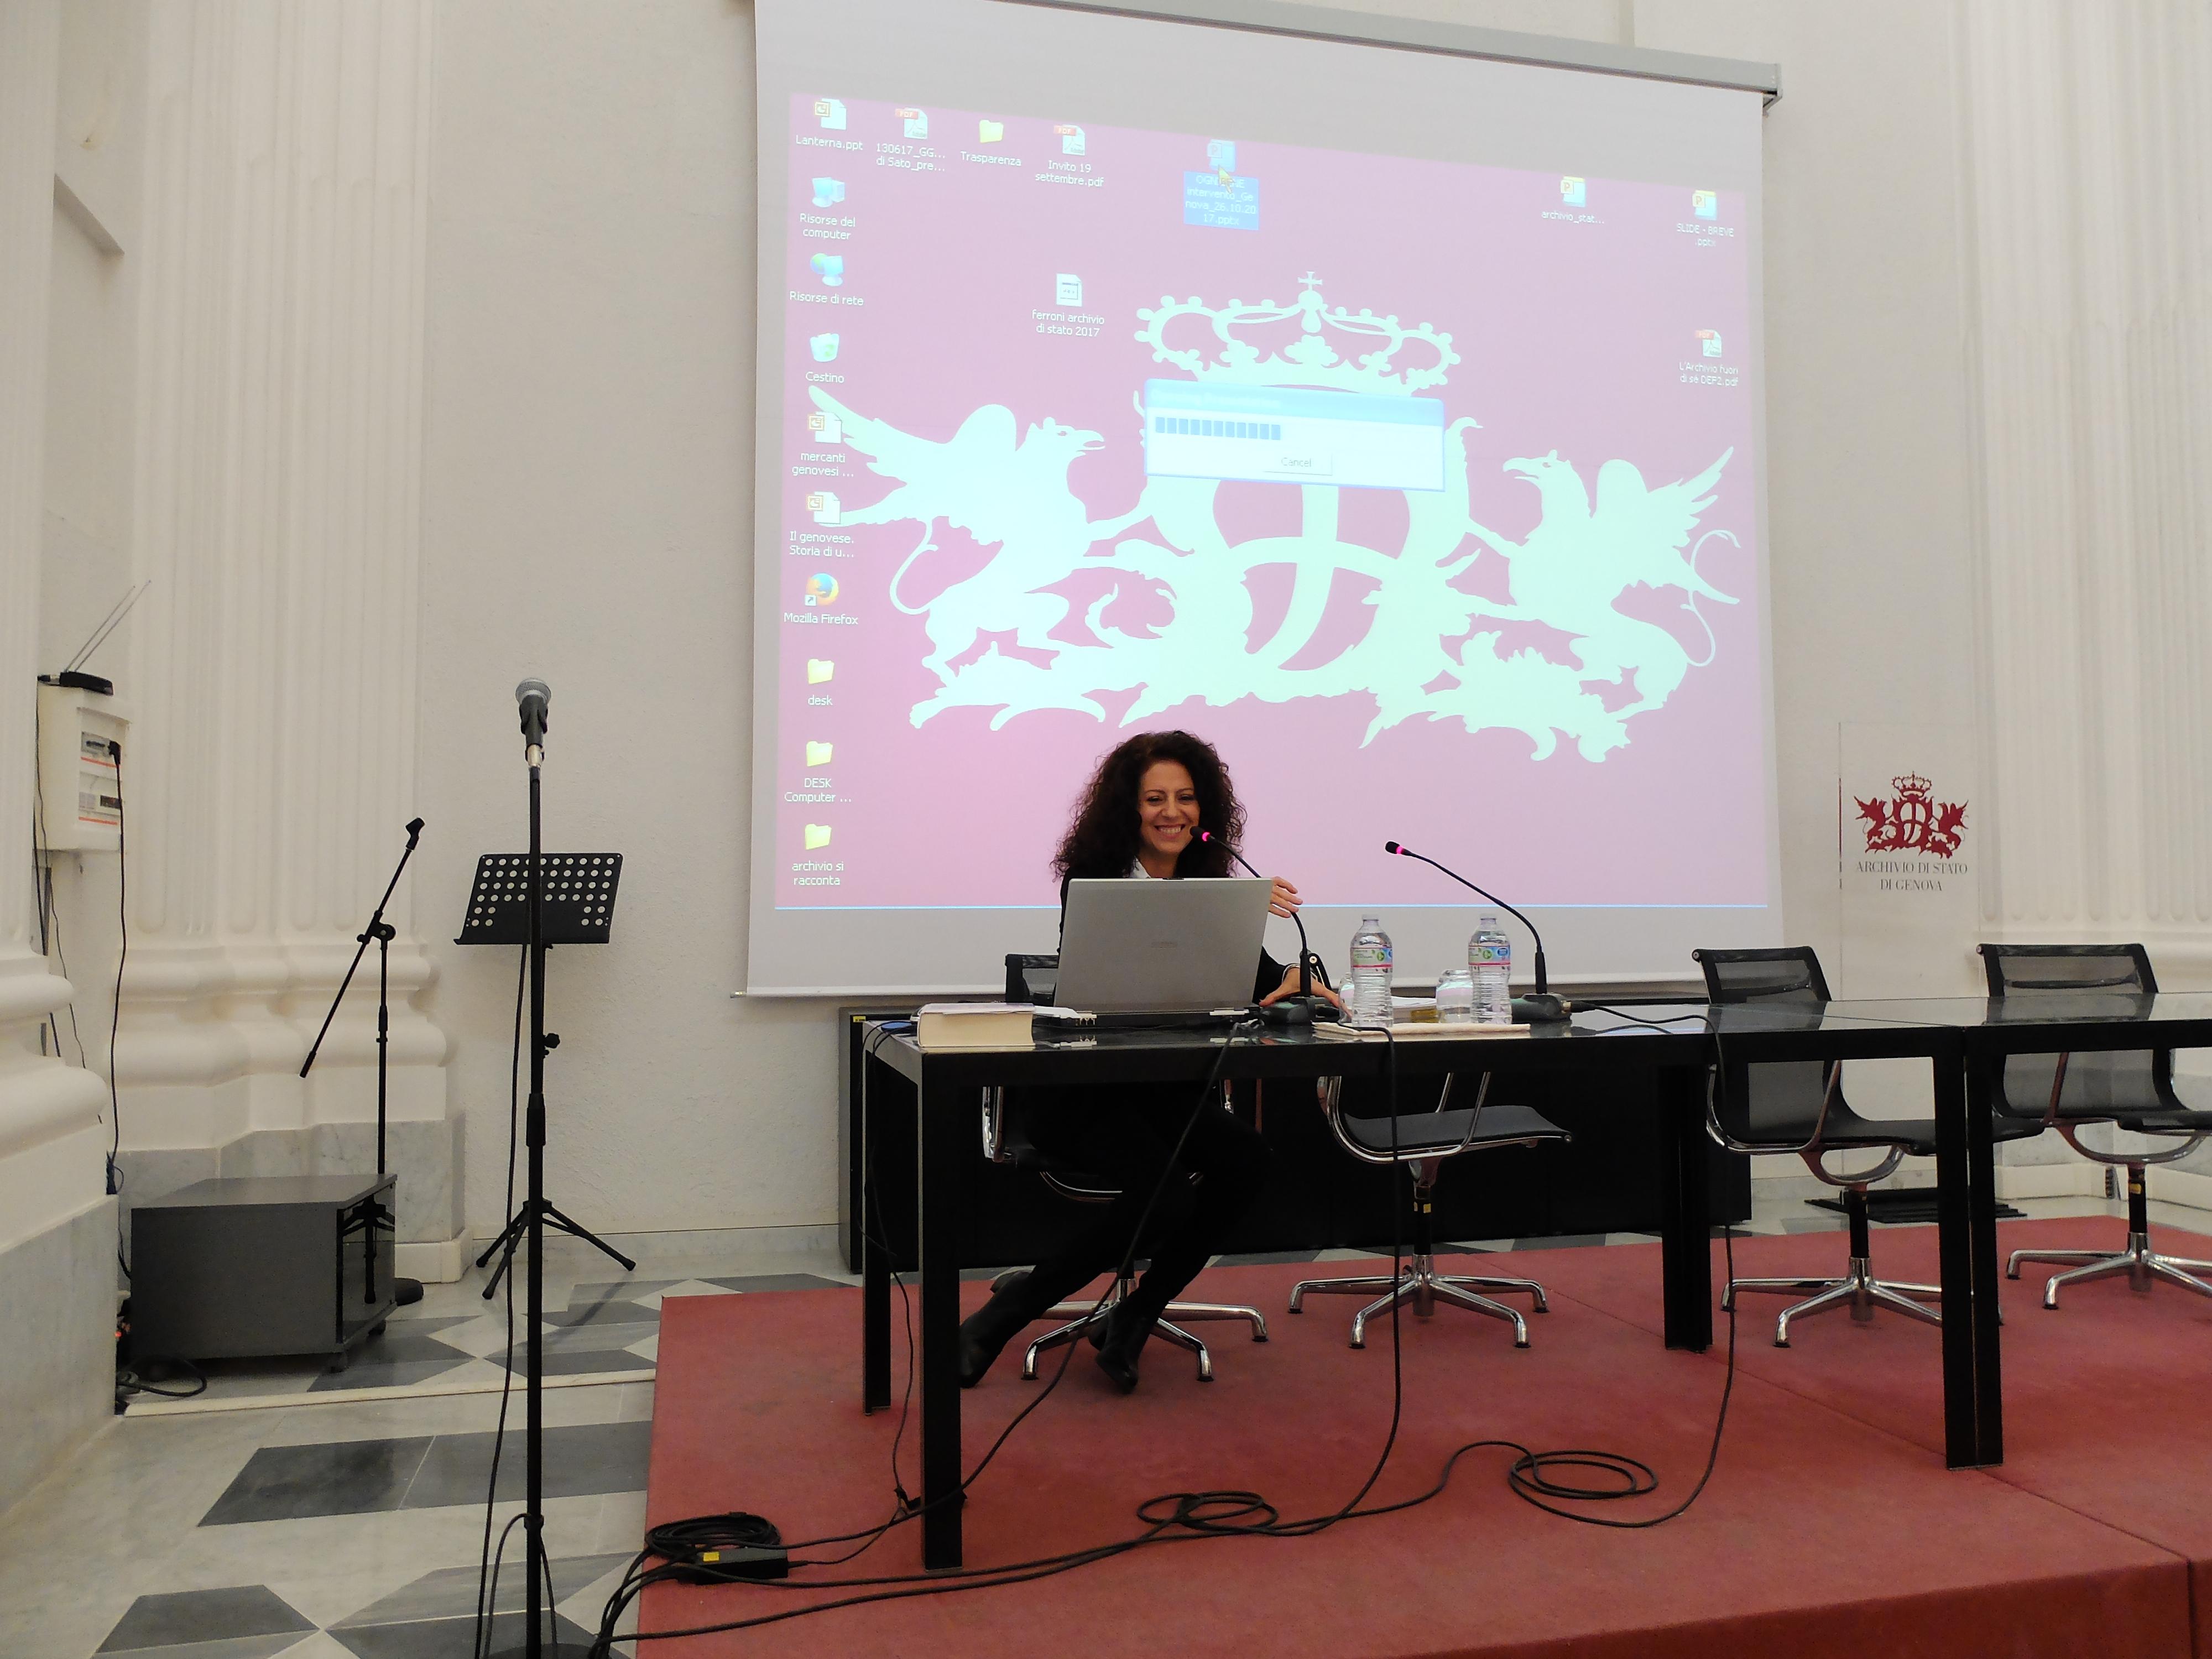 Susanna Ognibene, archivista d'impresa e membro del Consiglio direttivo Anai Liguria